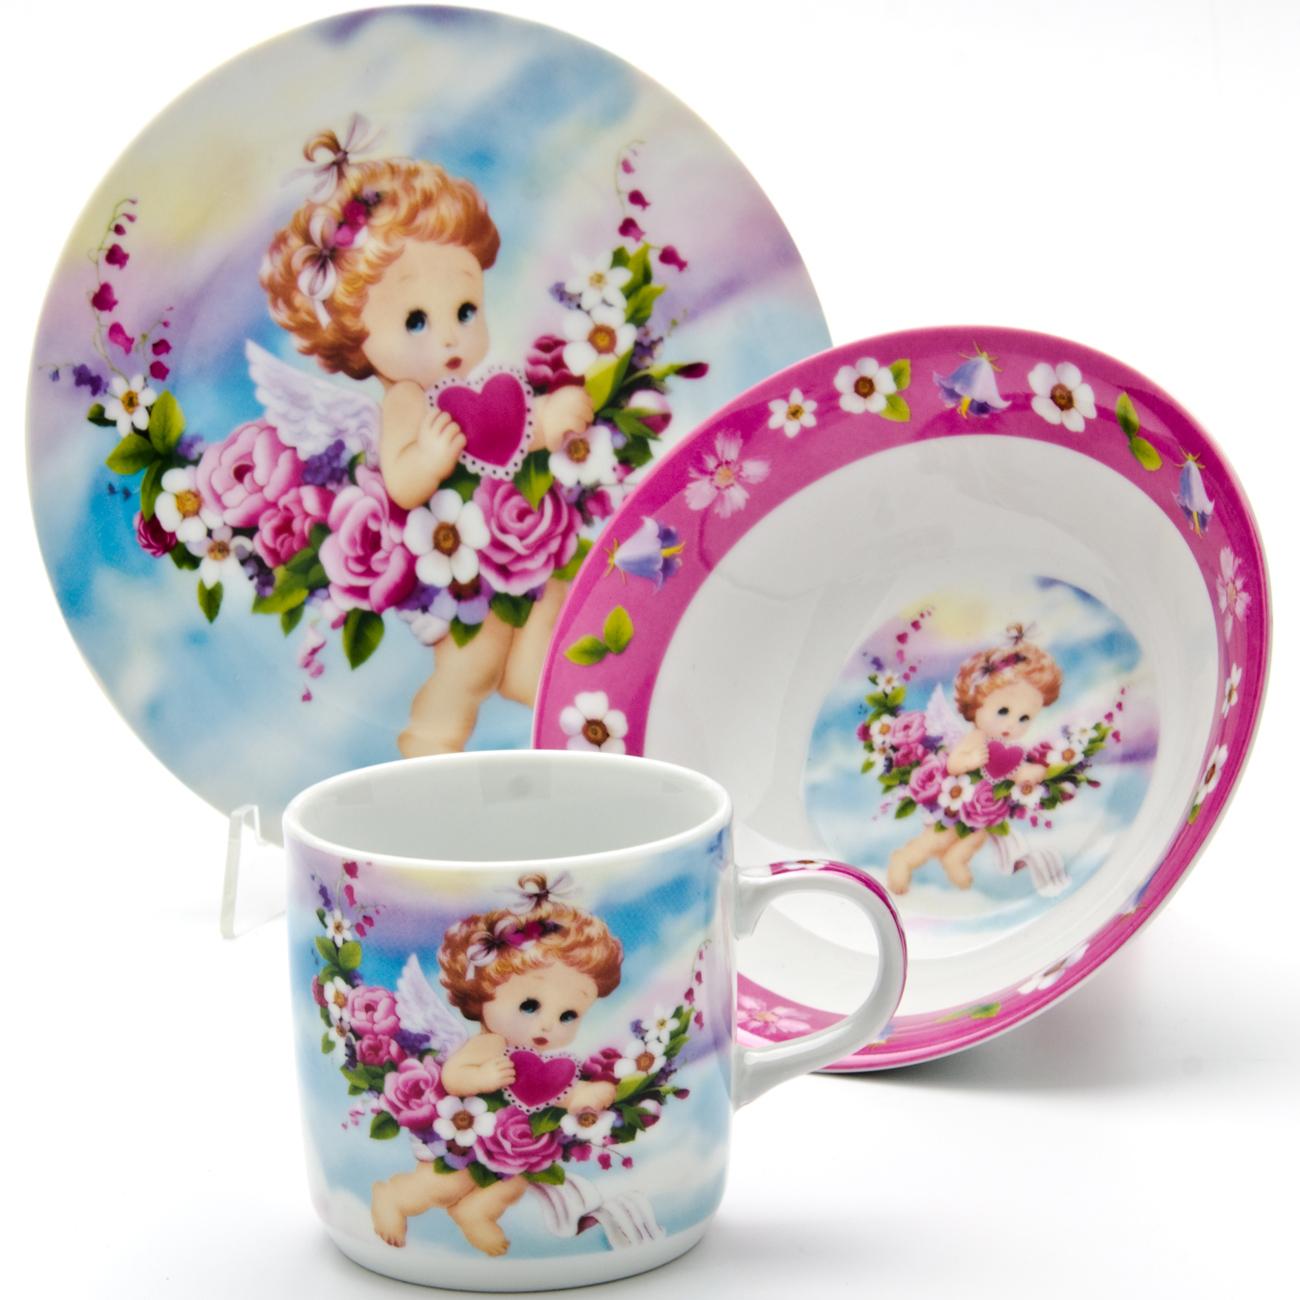 Набор посуды Loraine Ангел, 3 предмета24027Набор посуды Ангел сочетает в себе изысканный дизайн с максимальной функциональностью. В набор входят суповая тарелка, обеденная тарелка и кружка. Предметы набора выполнены из высококачественной керамики, декорированы красочным рисунком. Благодаря такому набору обед вашего ребенка будет еще вкуснее. Набор упакован в красочную, подарочную упаковку.